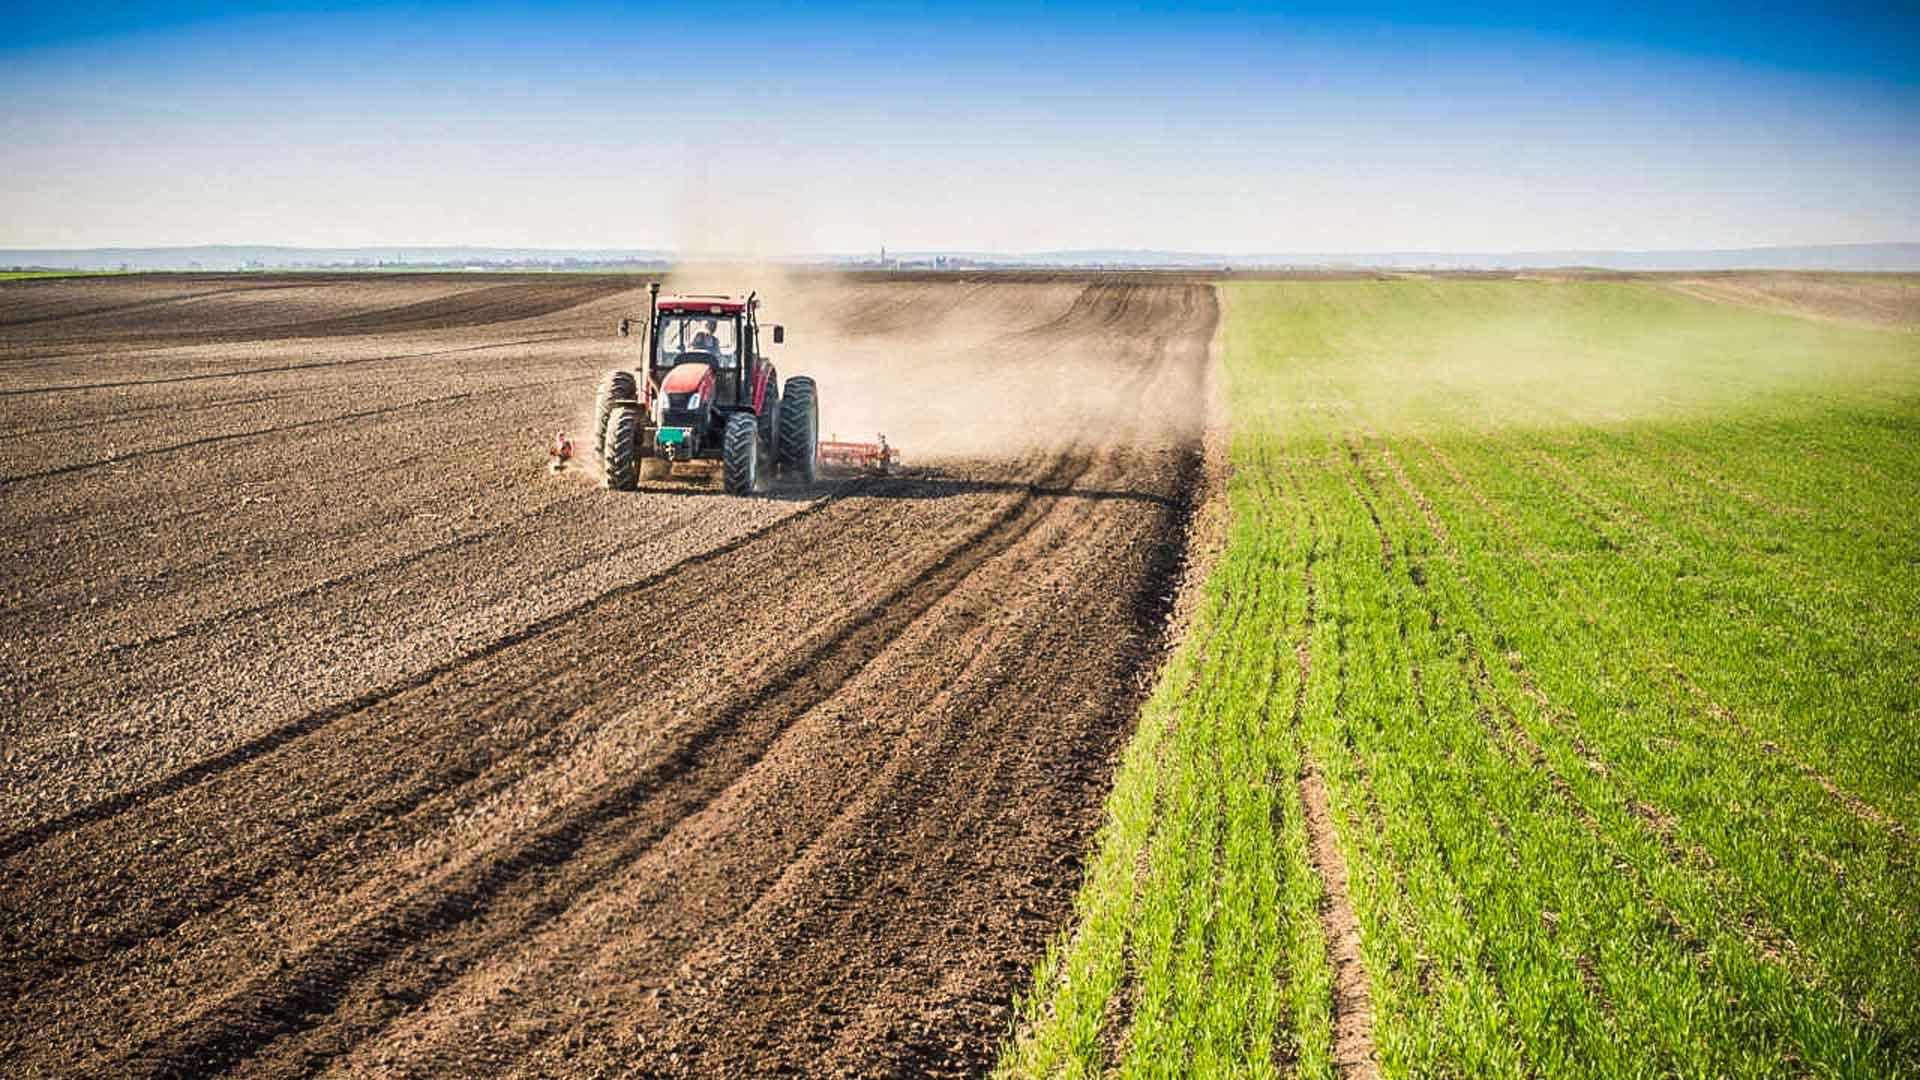 bonifiche sit contaminati aree agricole